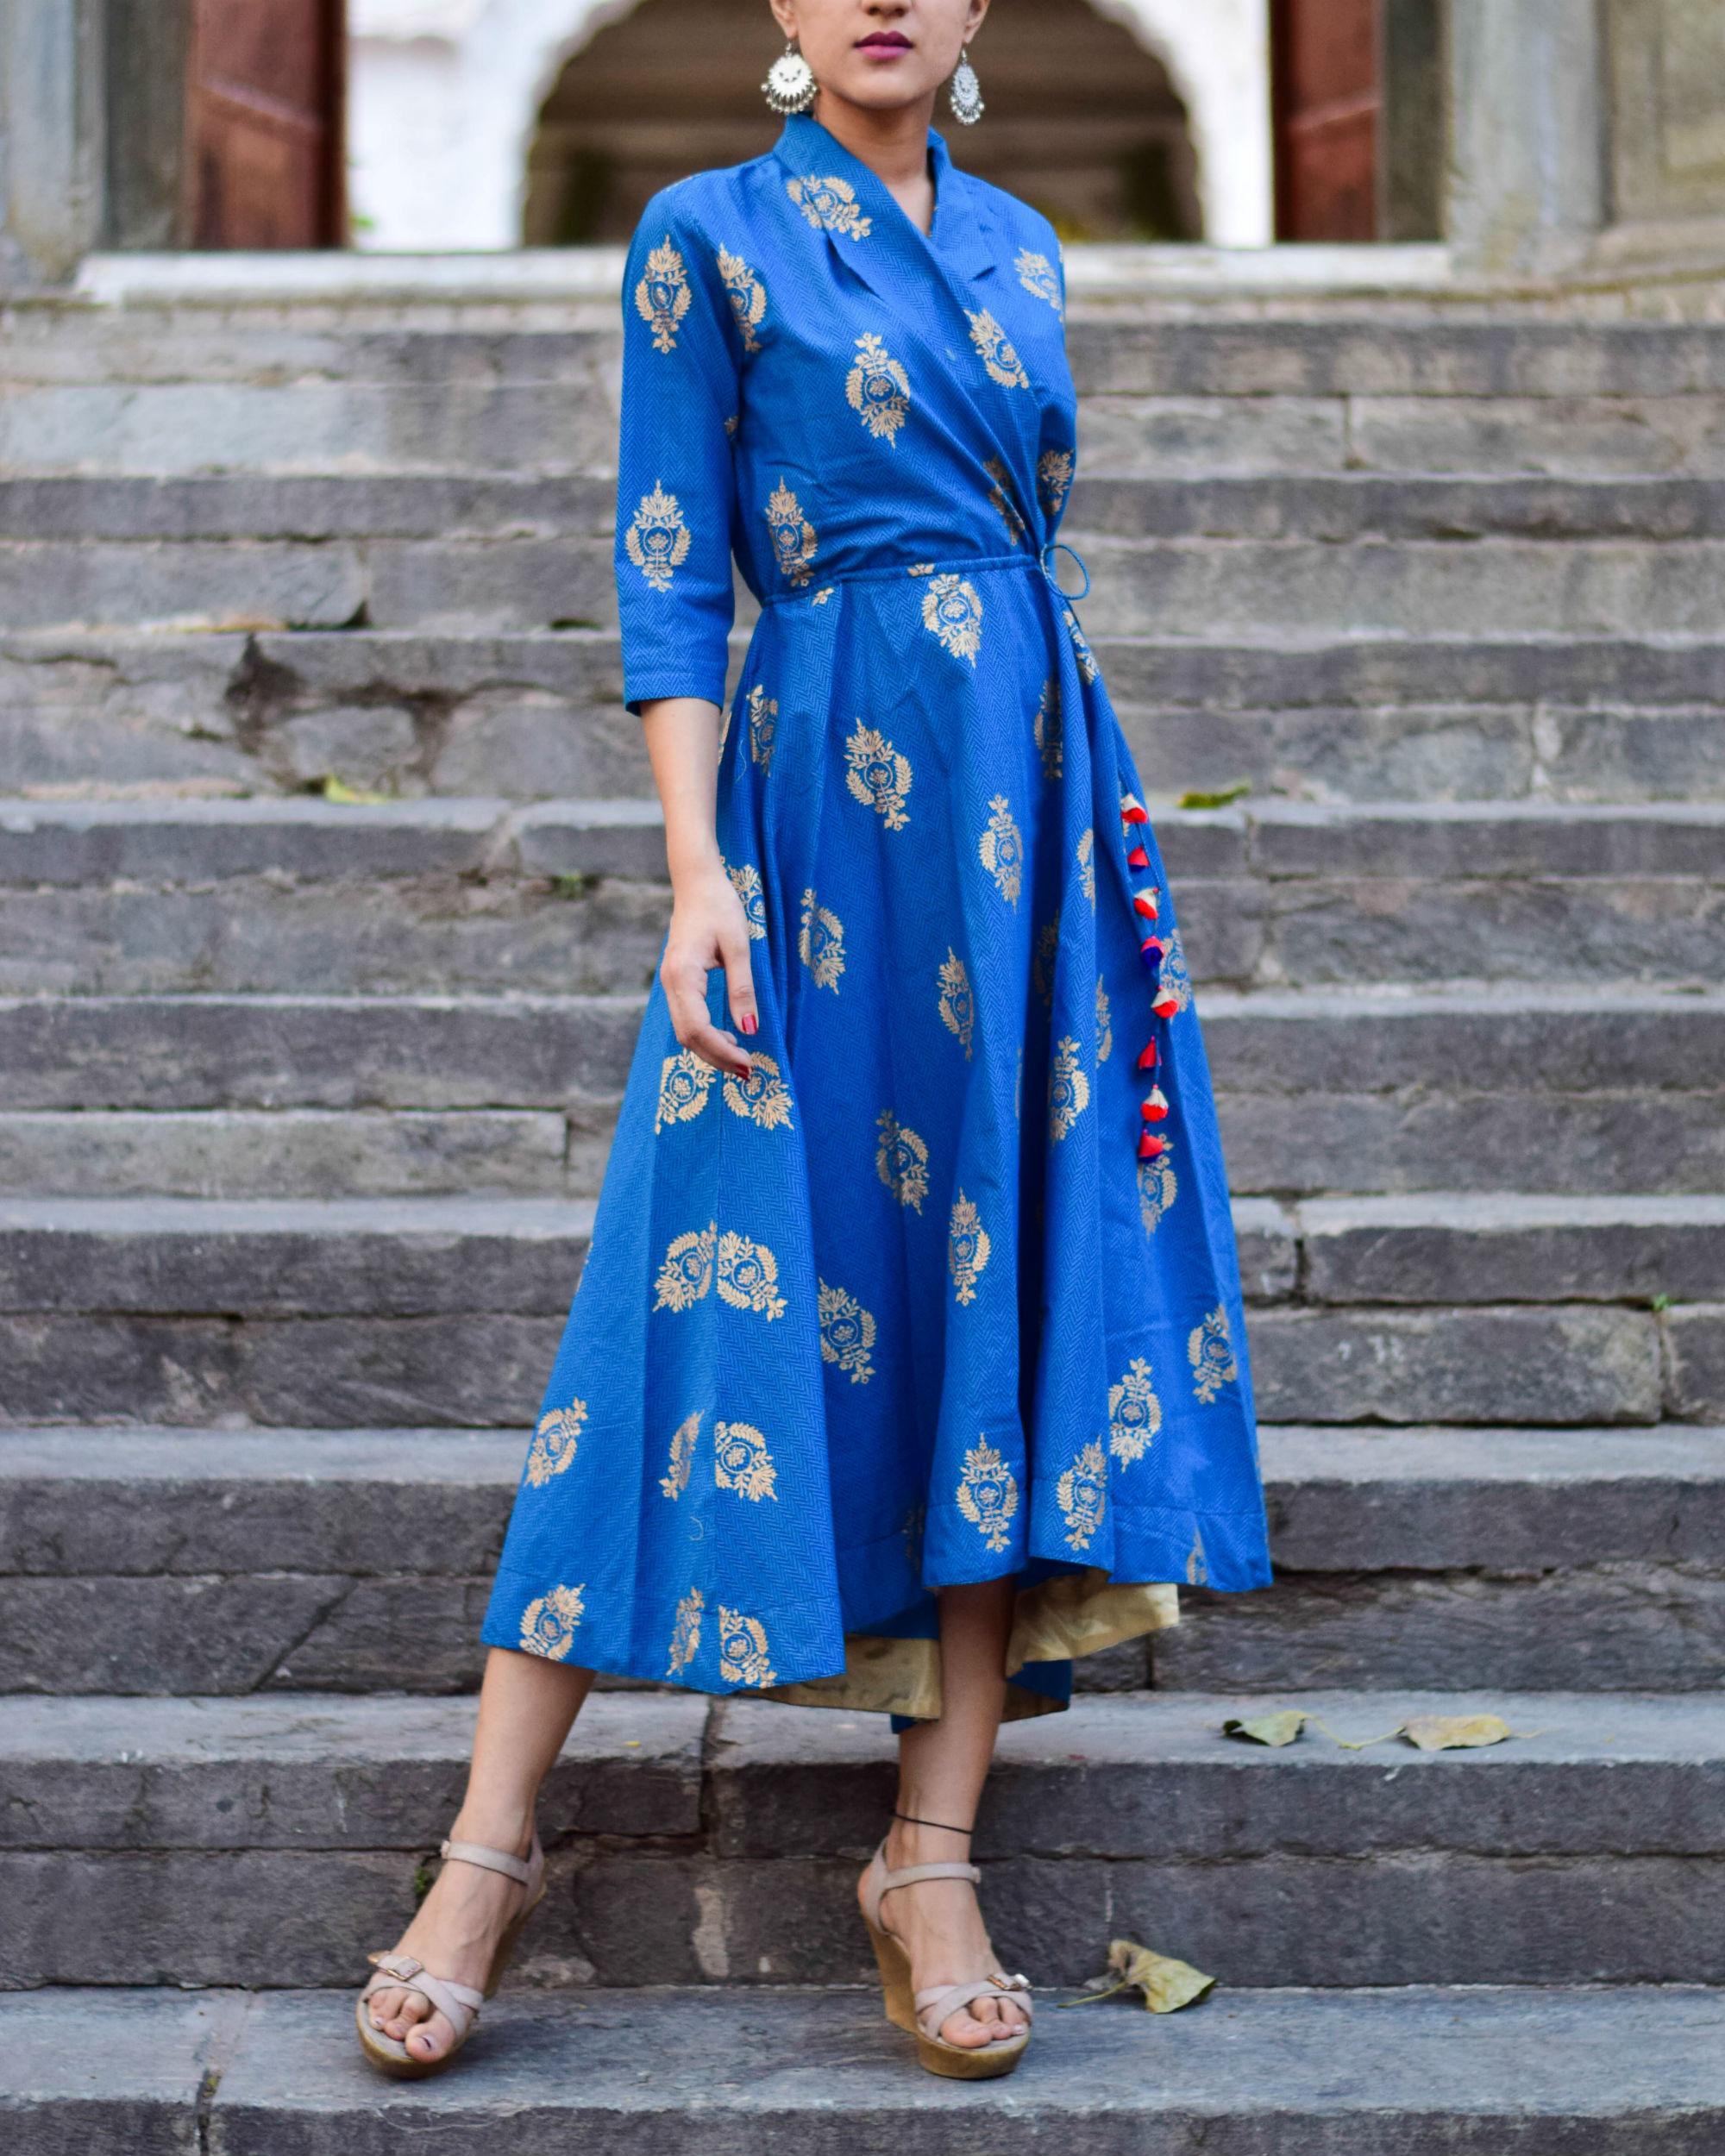 Royal Blue Wrap Dress